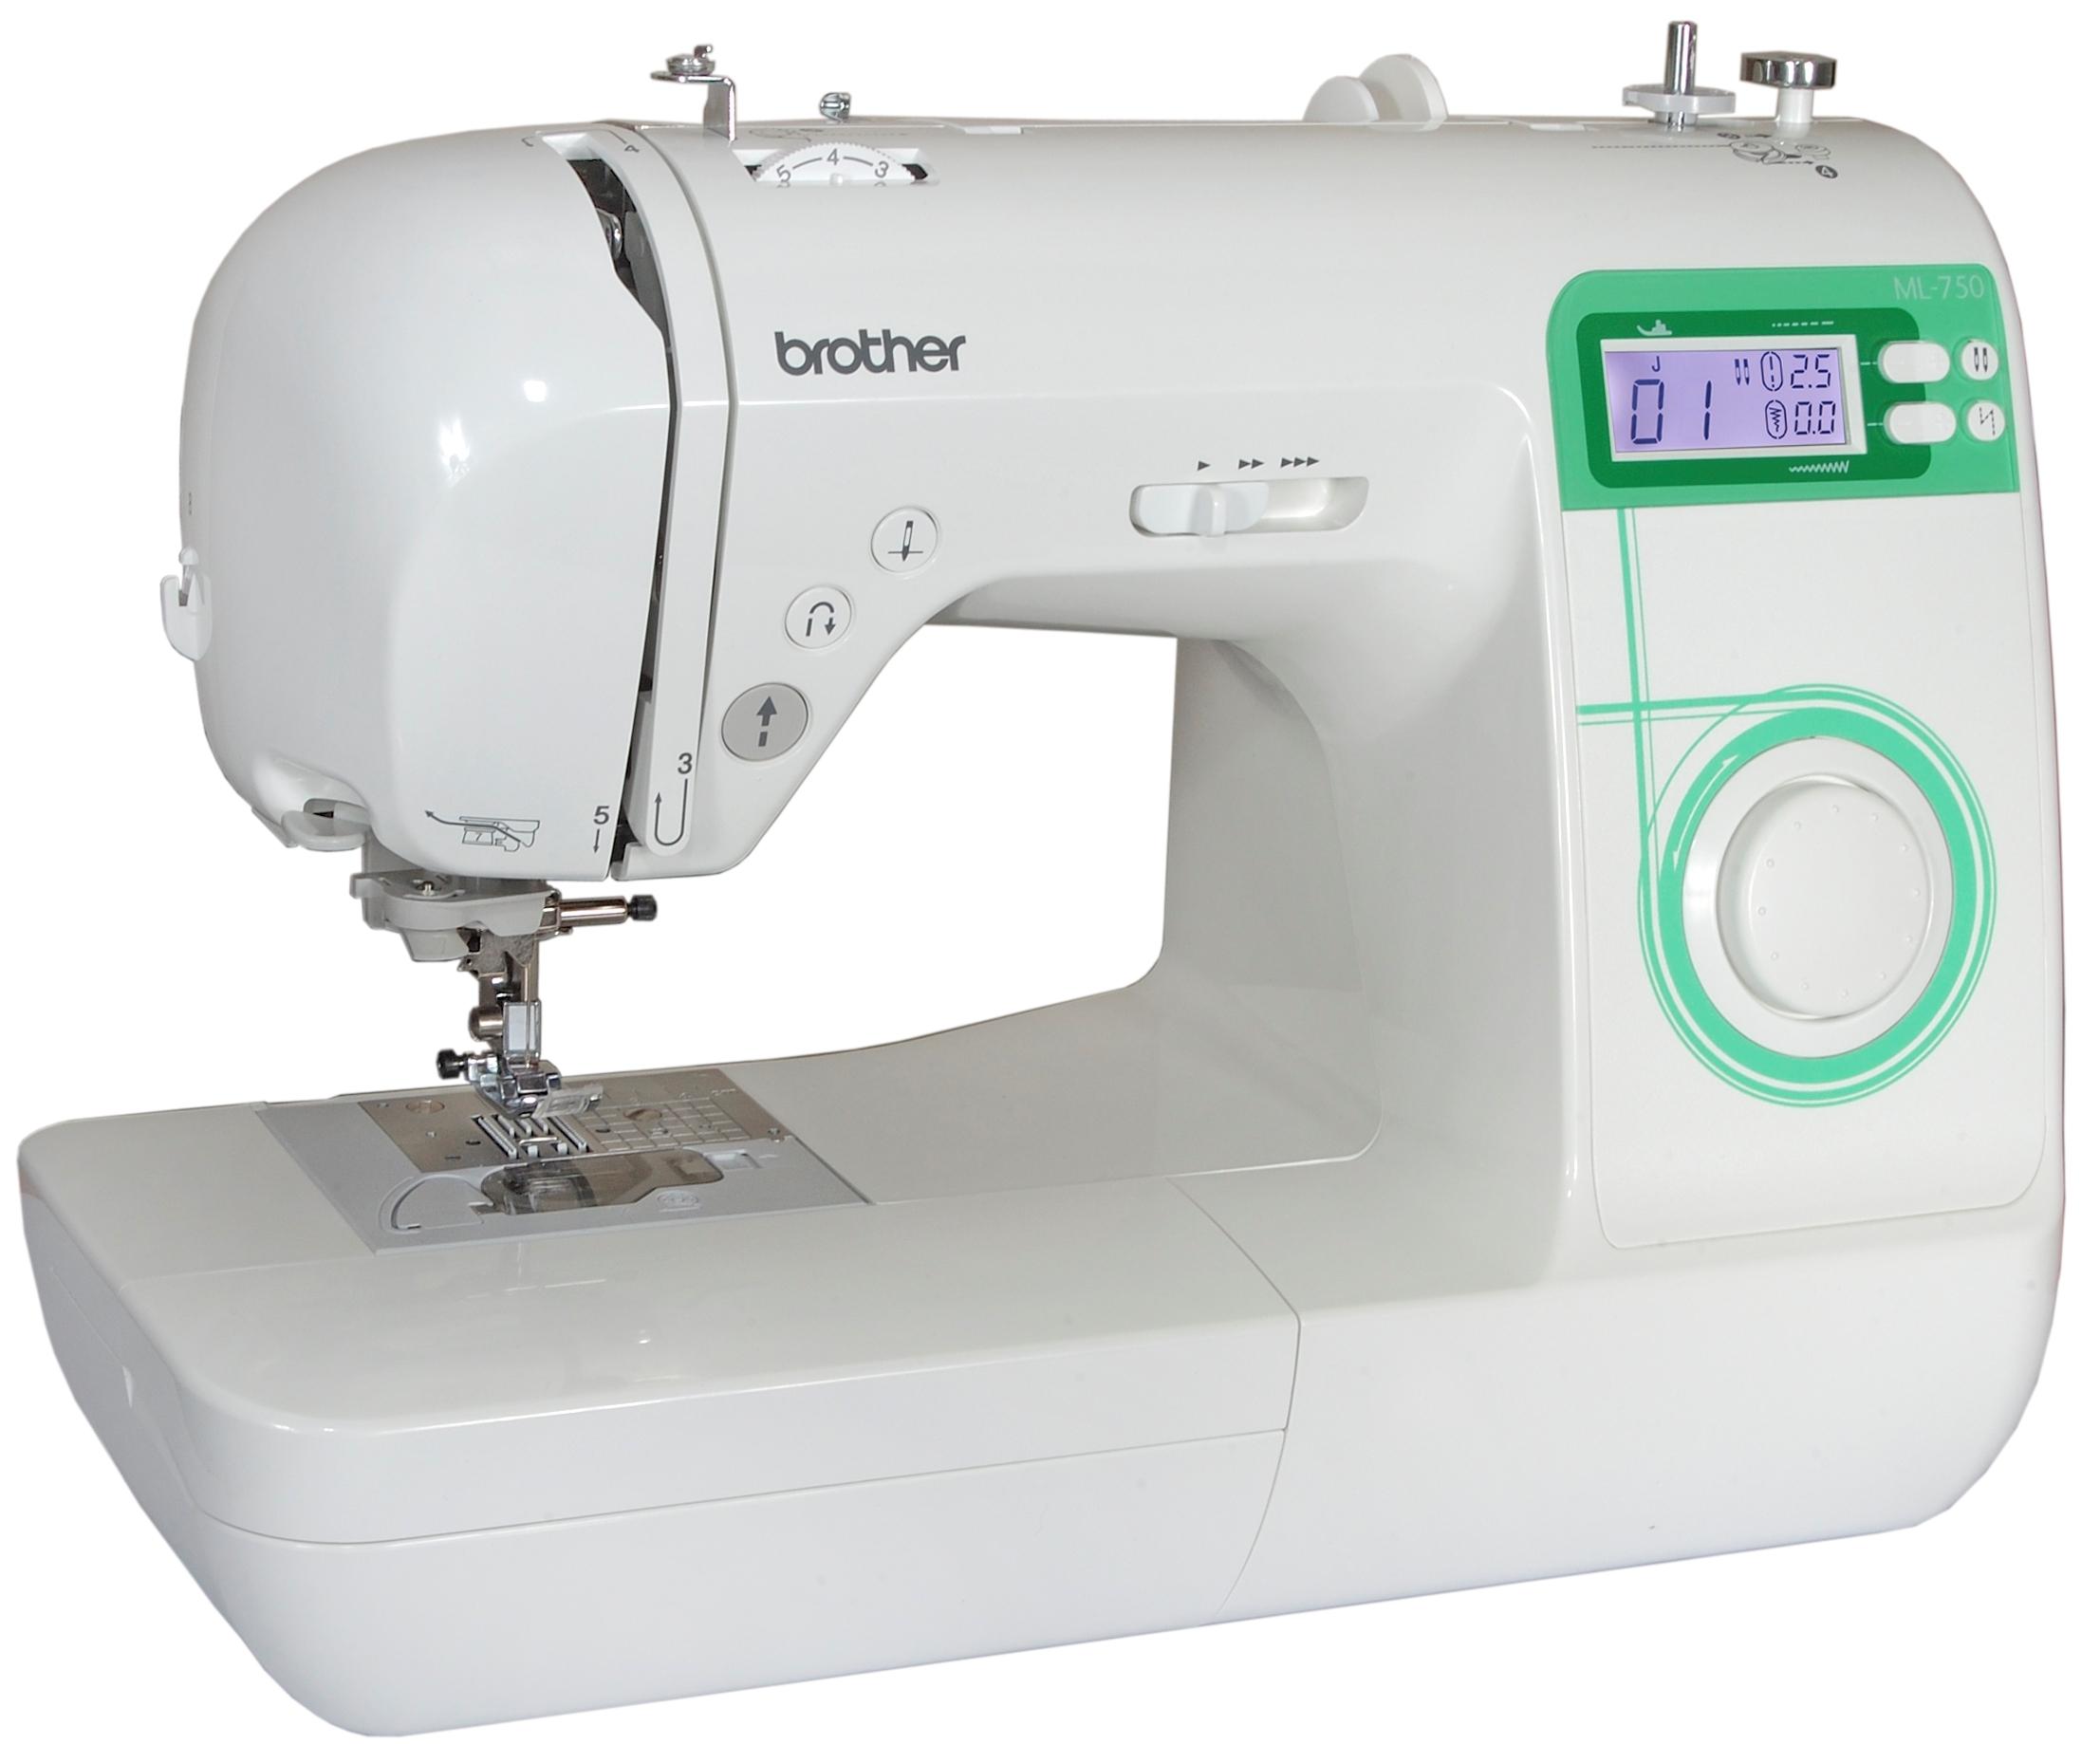 Компьютеризированная швейная машина BROTHER ML-750